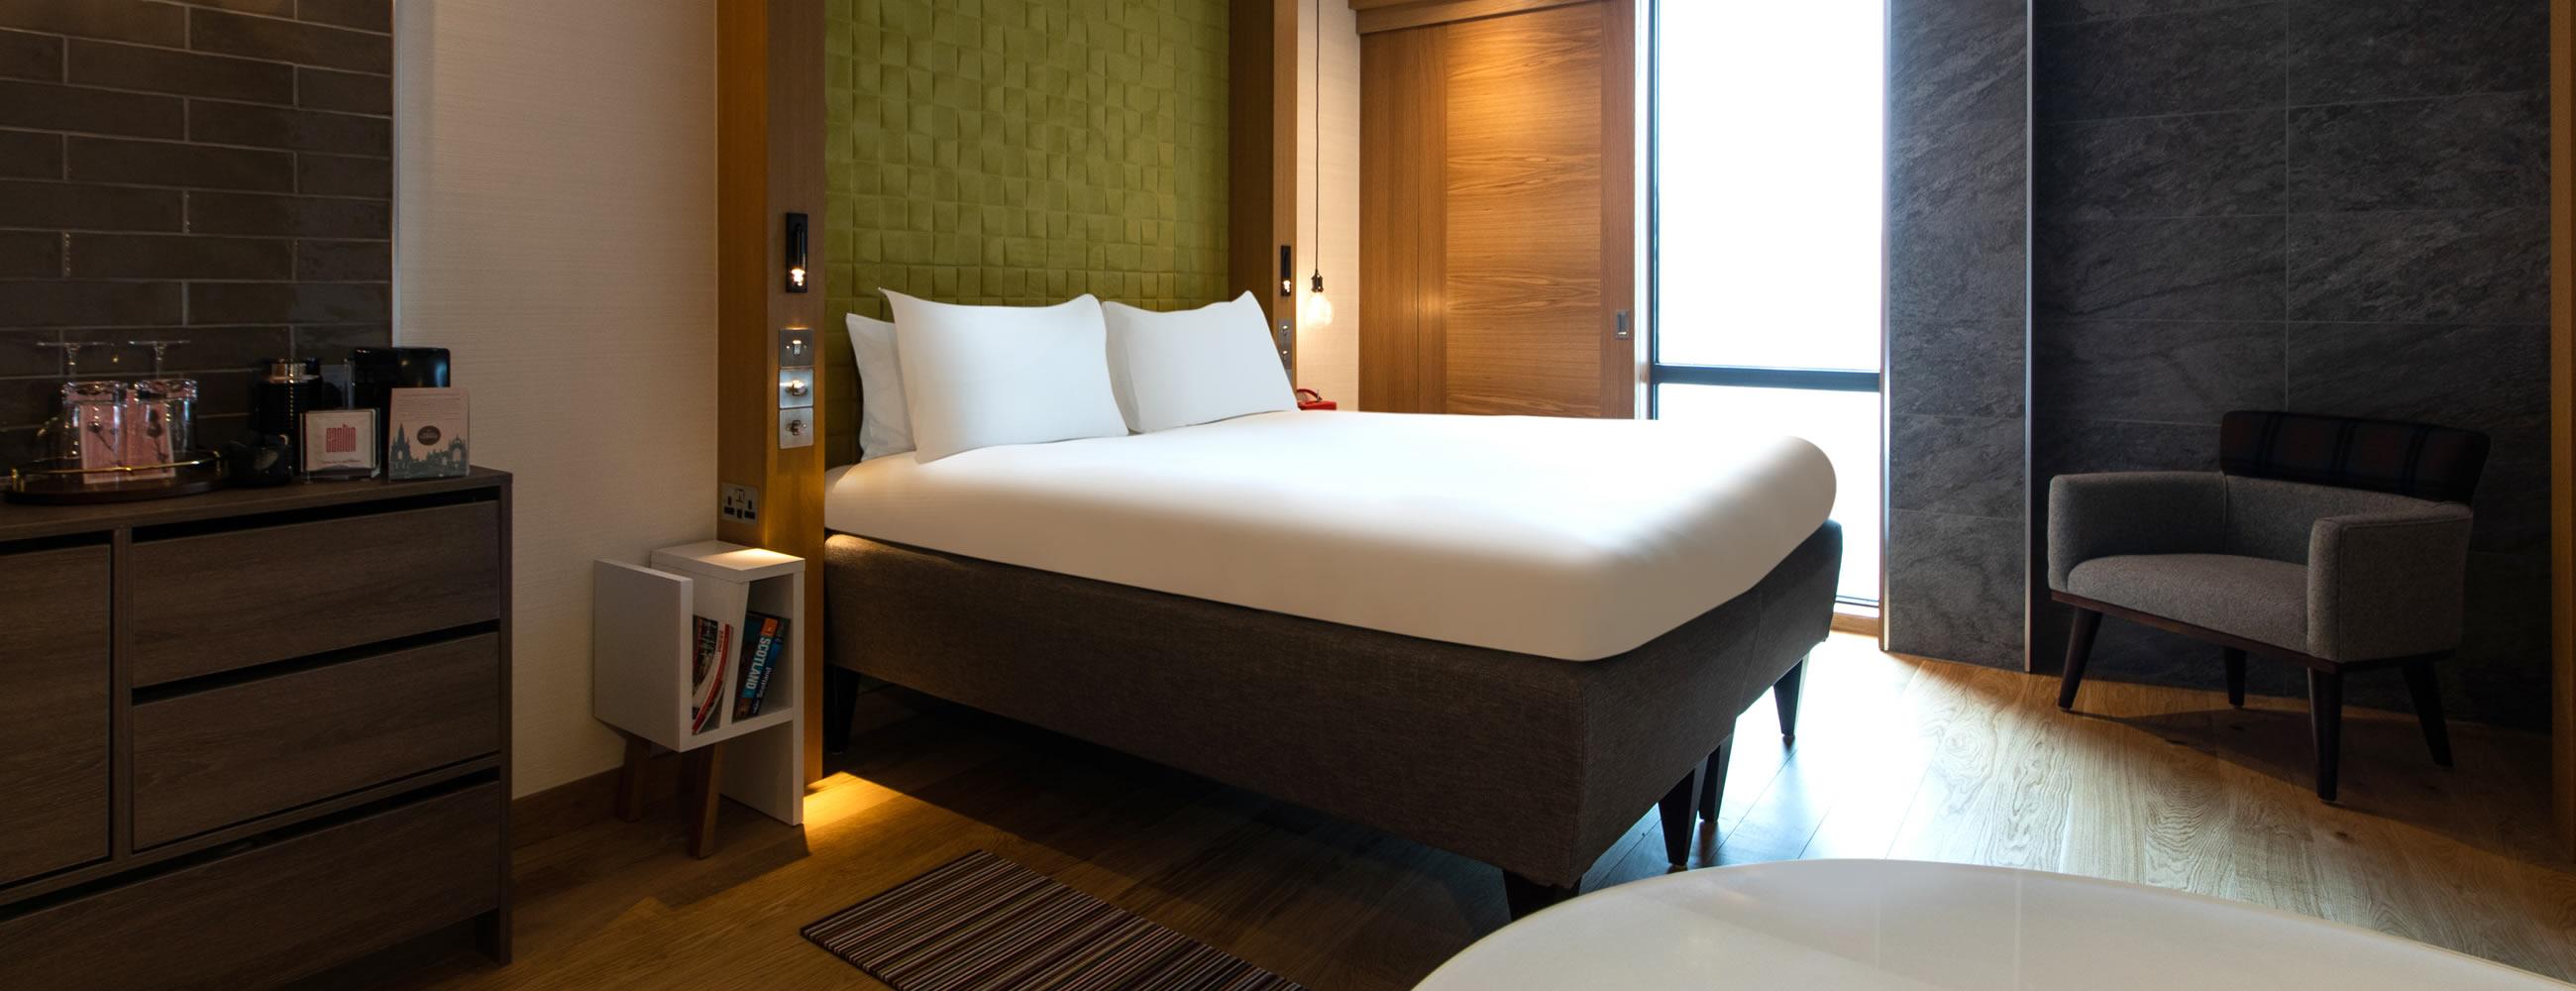 Hotel Slaapssytemen Oblique